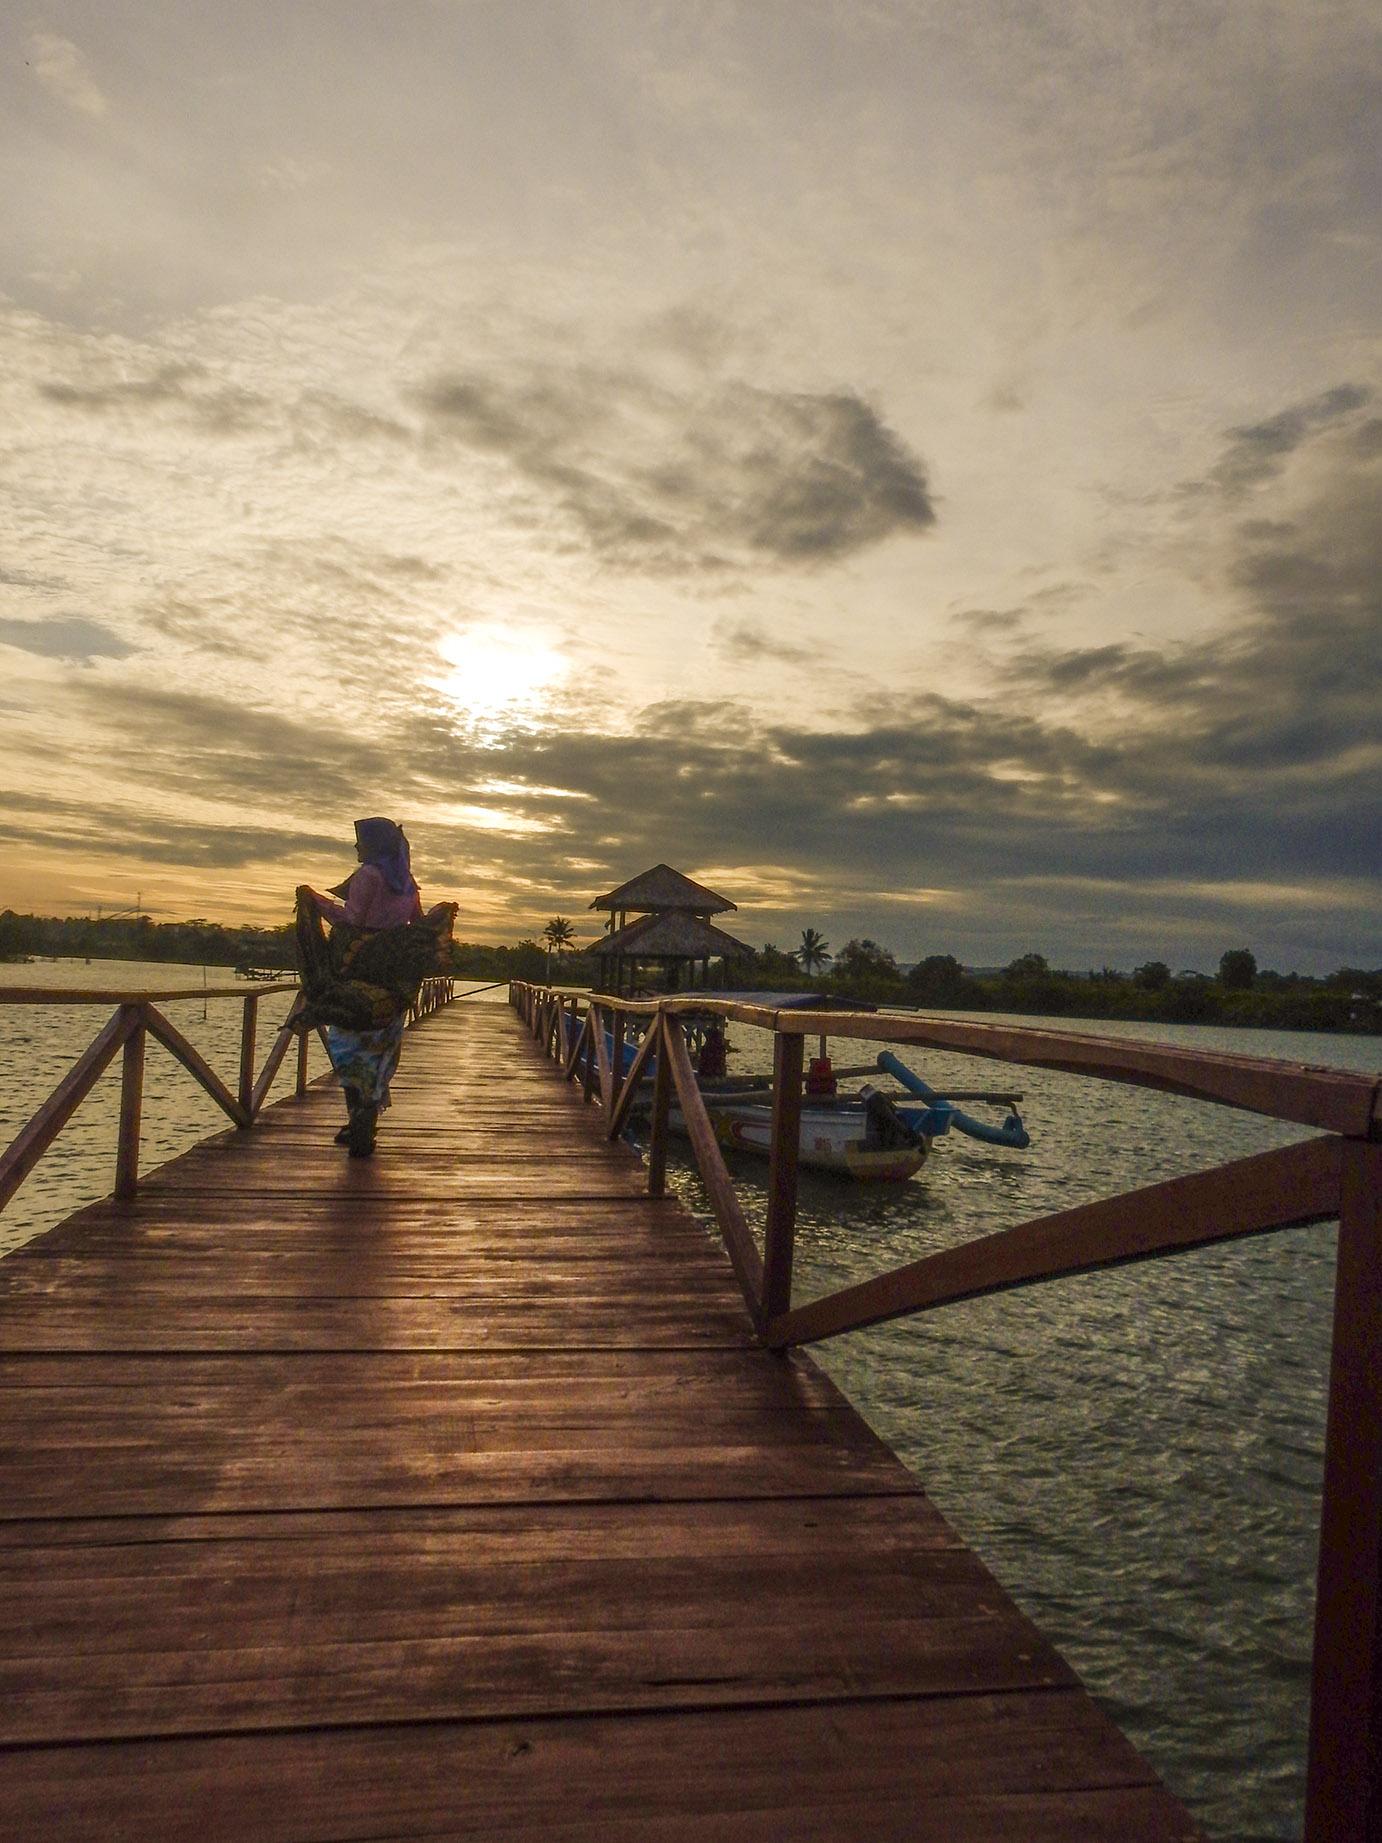 menikmati sunset di jembatan mangrove